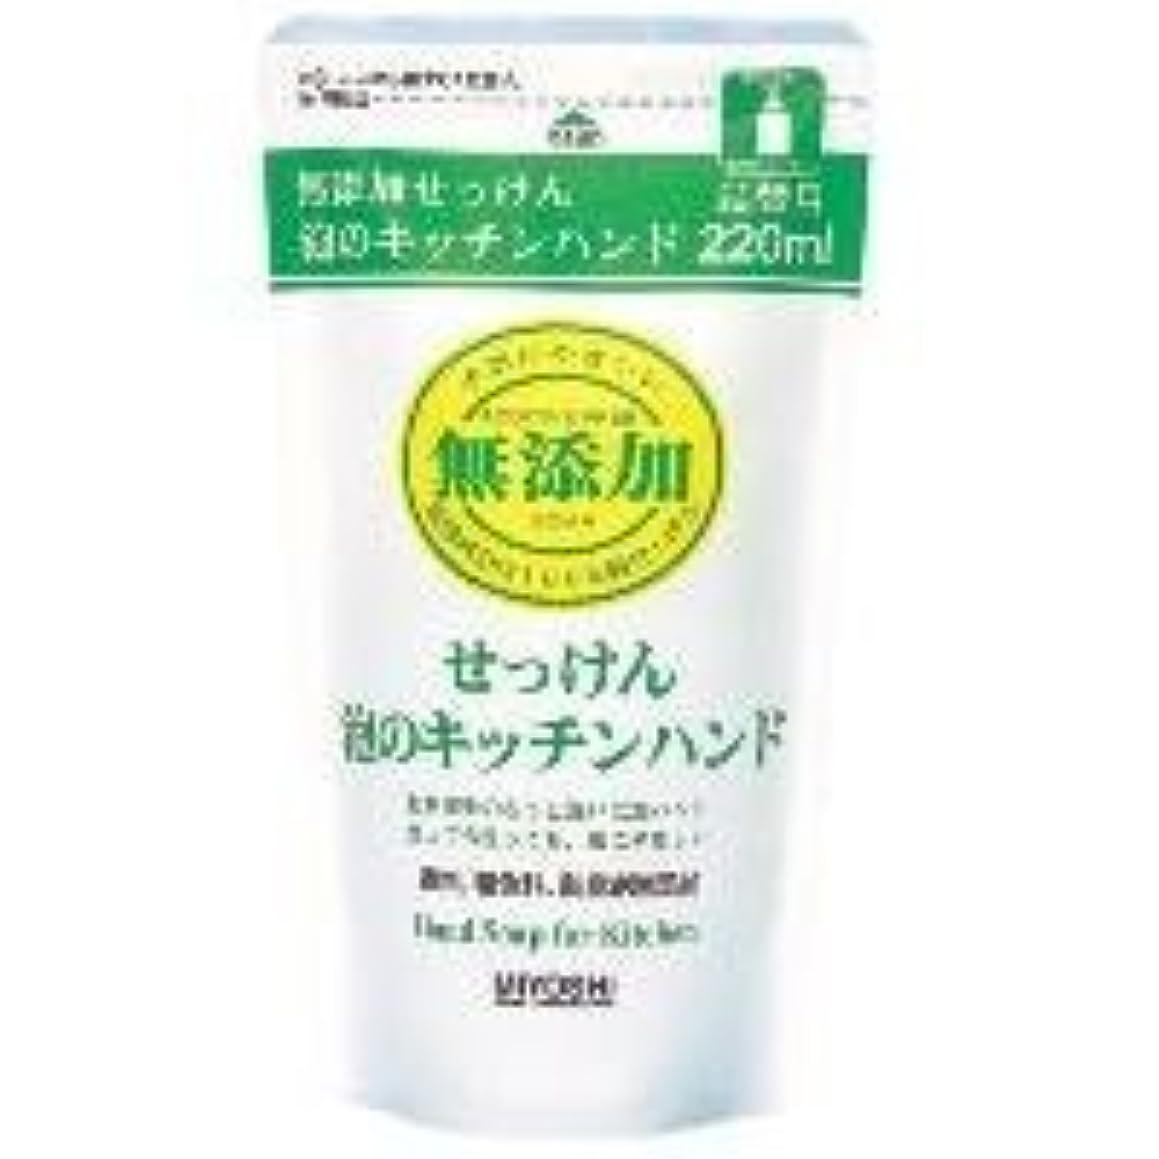 反抗クレタ主婦ミヨシ石鹸 無添加せっけん 泡のキッチンハンド 詰替用  220ml